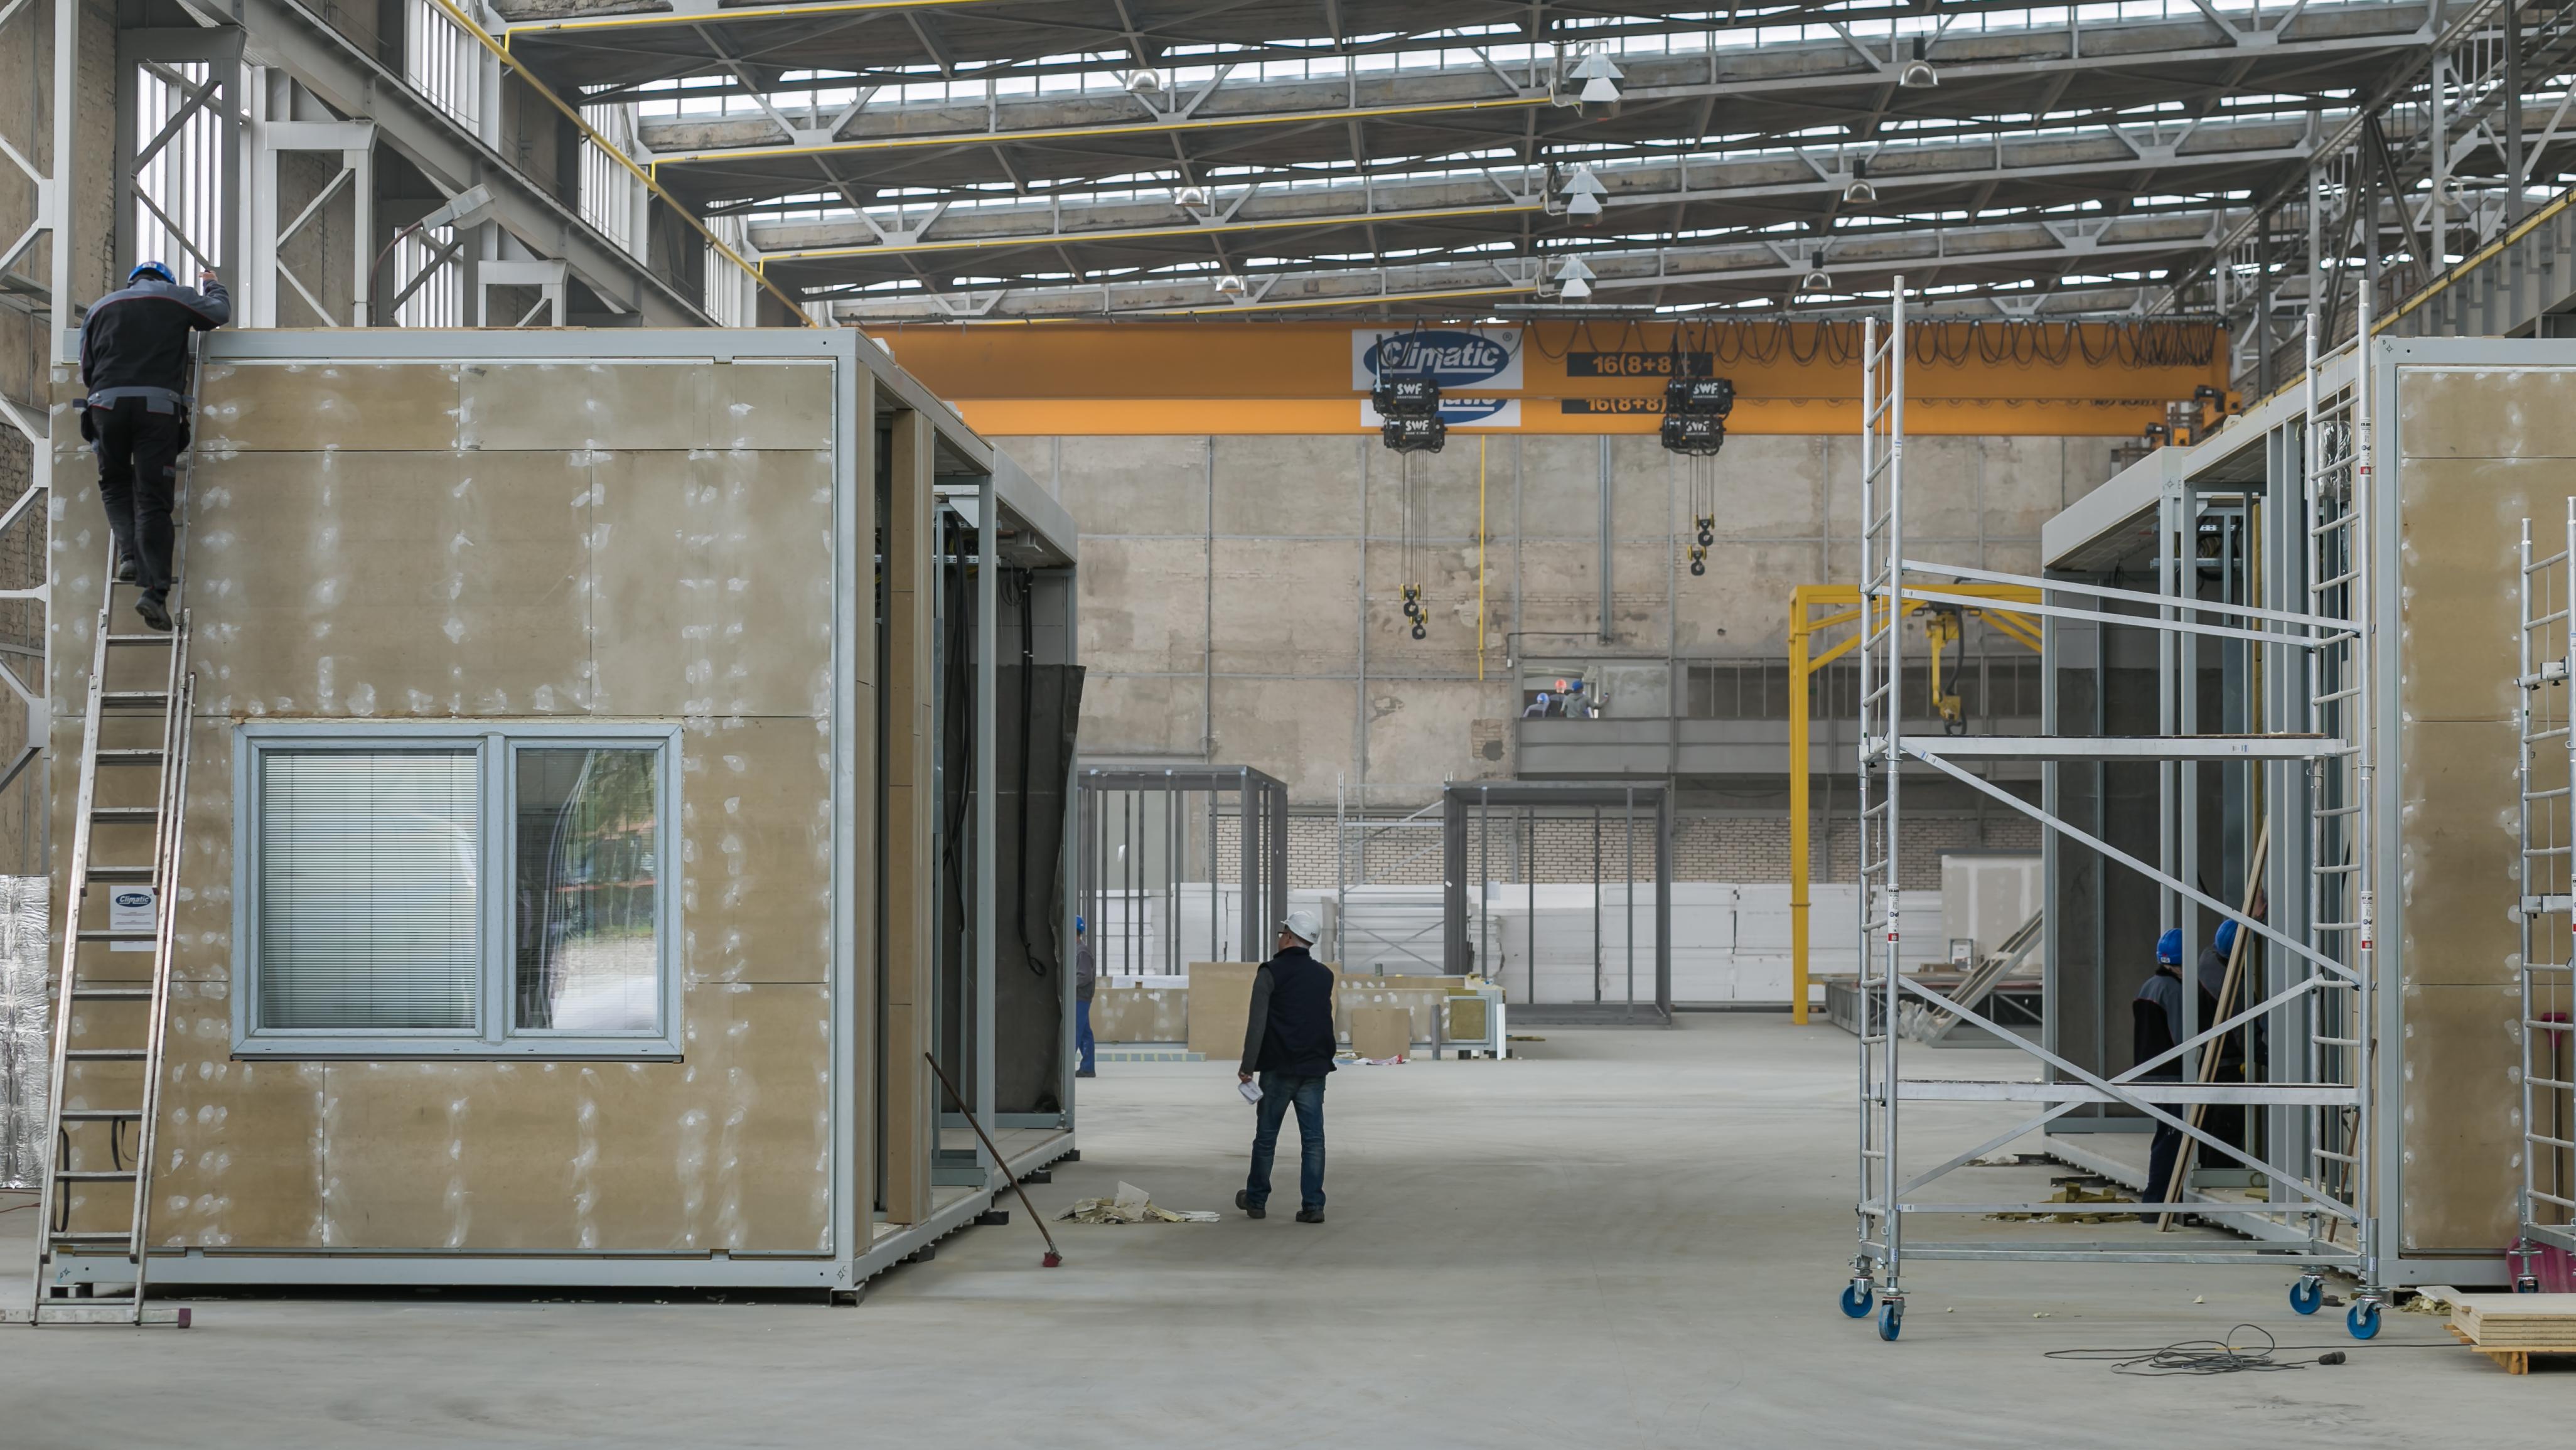 Climatic dostarczy moduły na potrzeby budowy nowego budynku RCKiK w Białymstoku Terenowy Oddział w Hajnówce